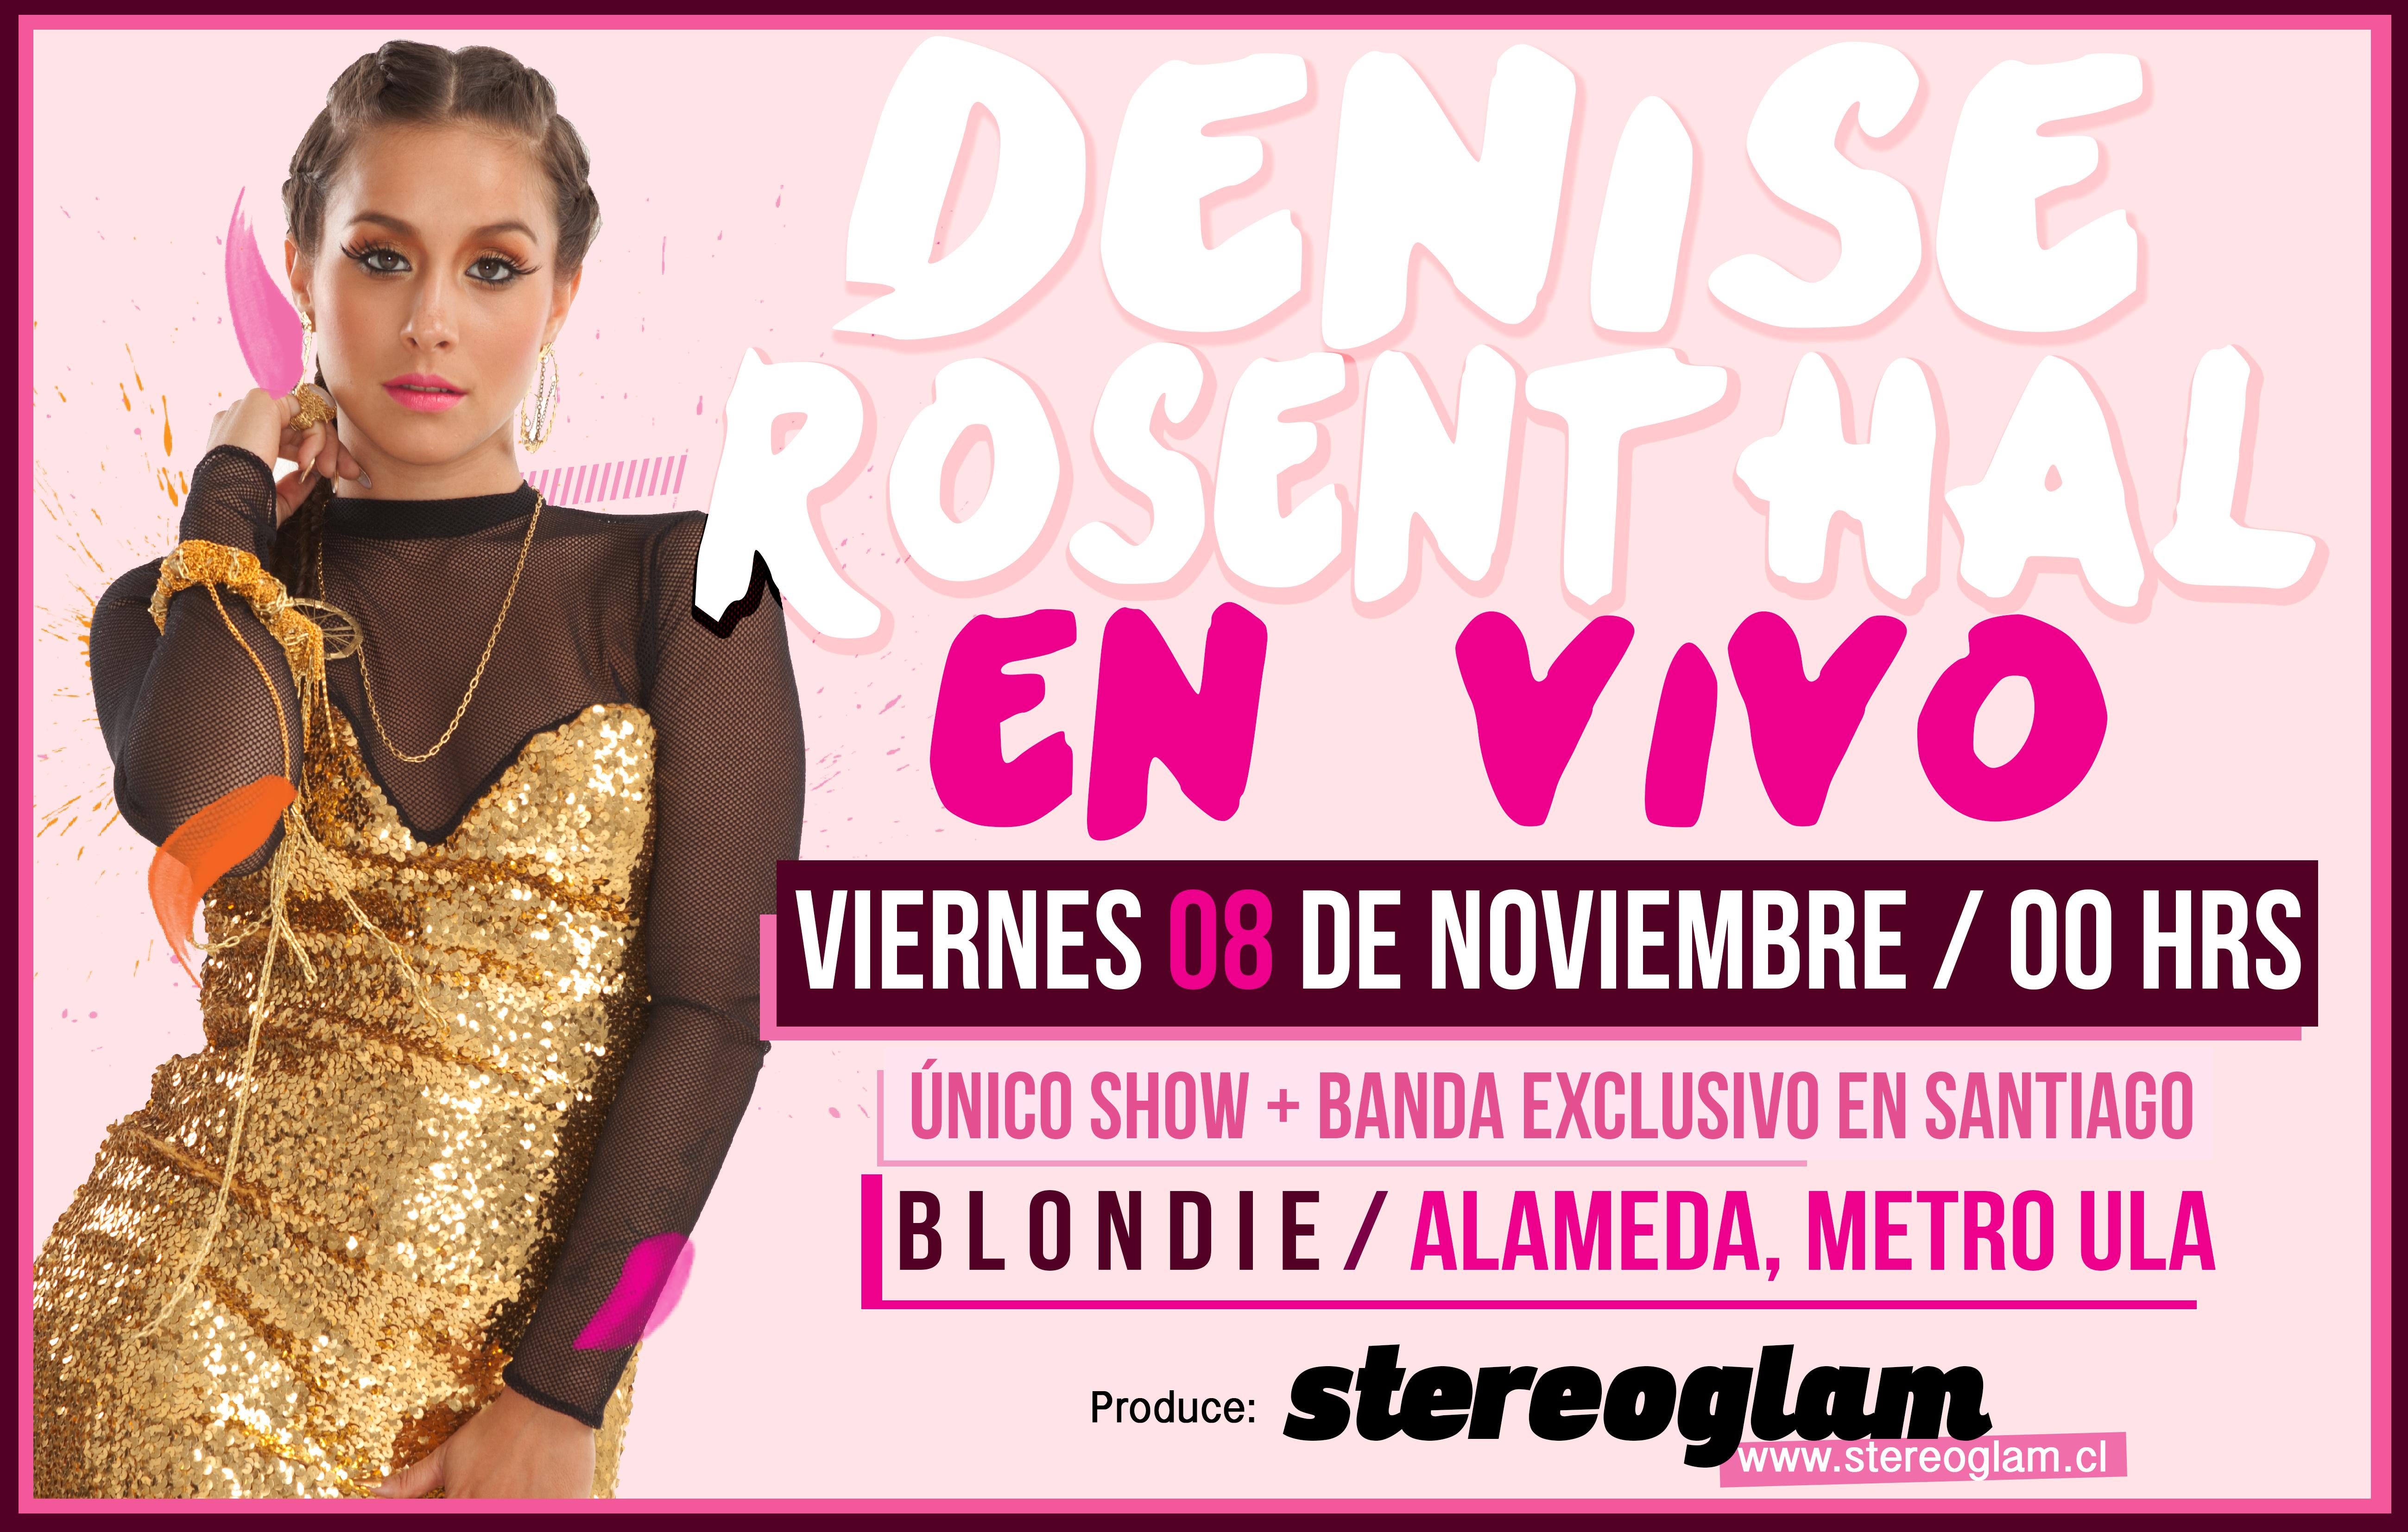 Concurso: gana entradas para ver a Denise Rosenthal en vivo en Blondie